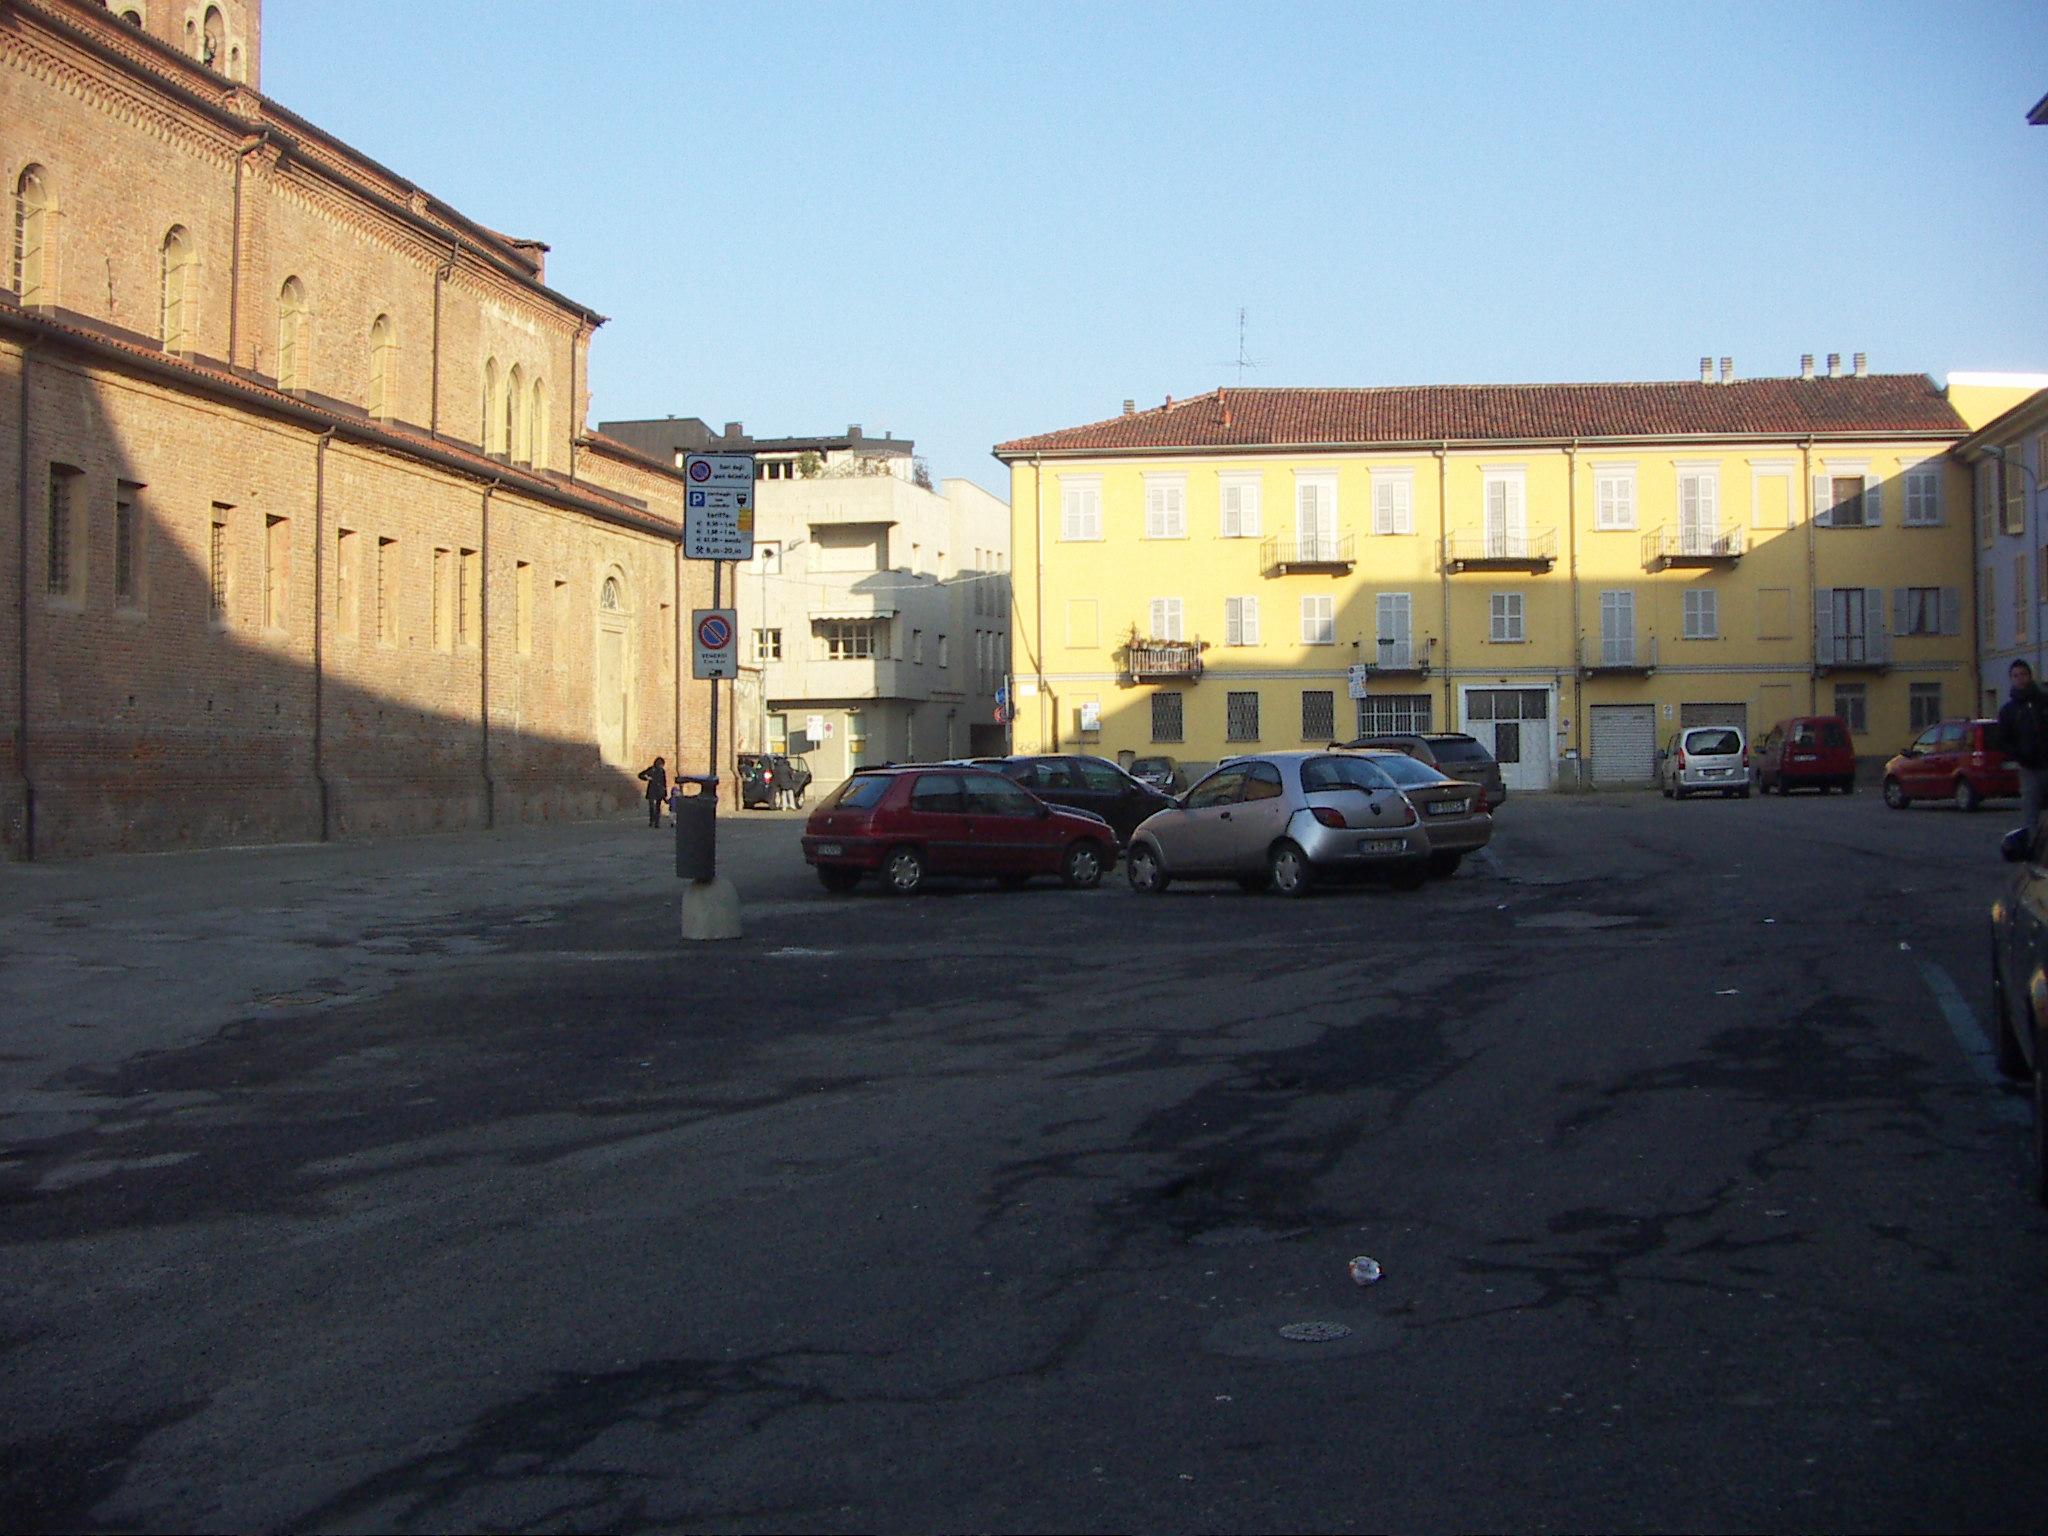 santa-maria-di-castello-piazza-parcheggio